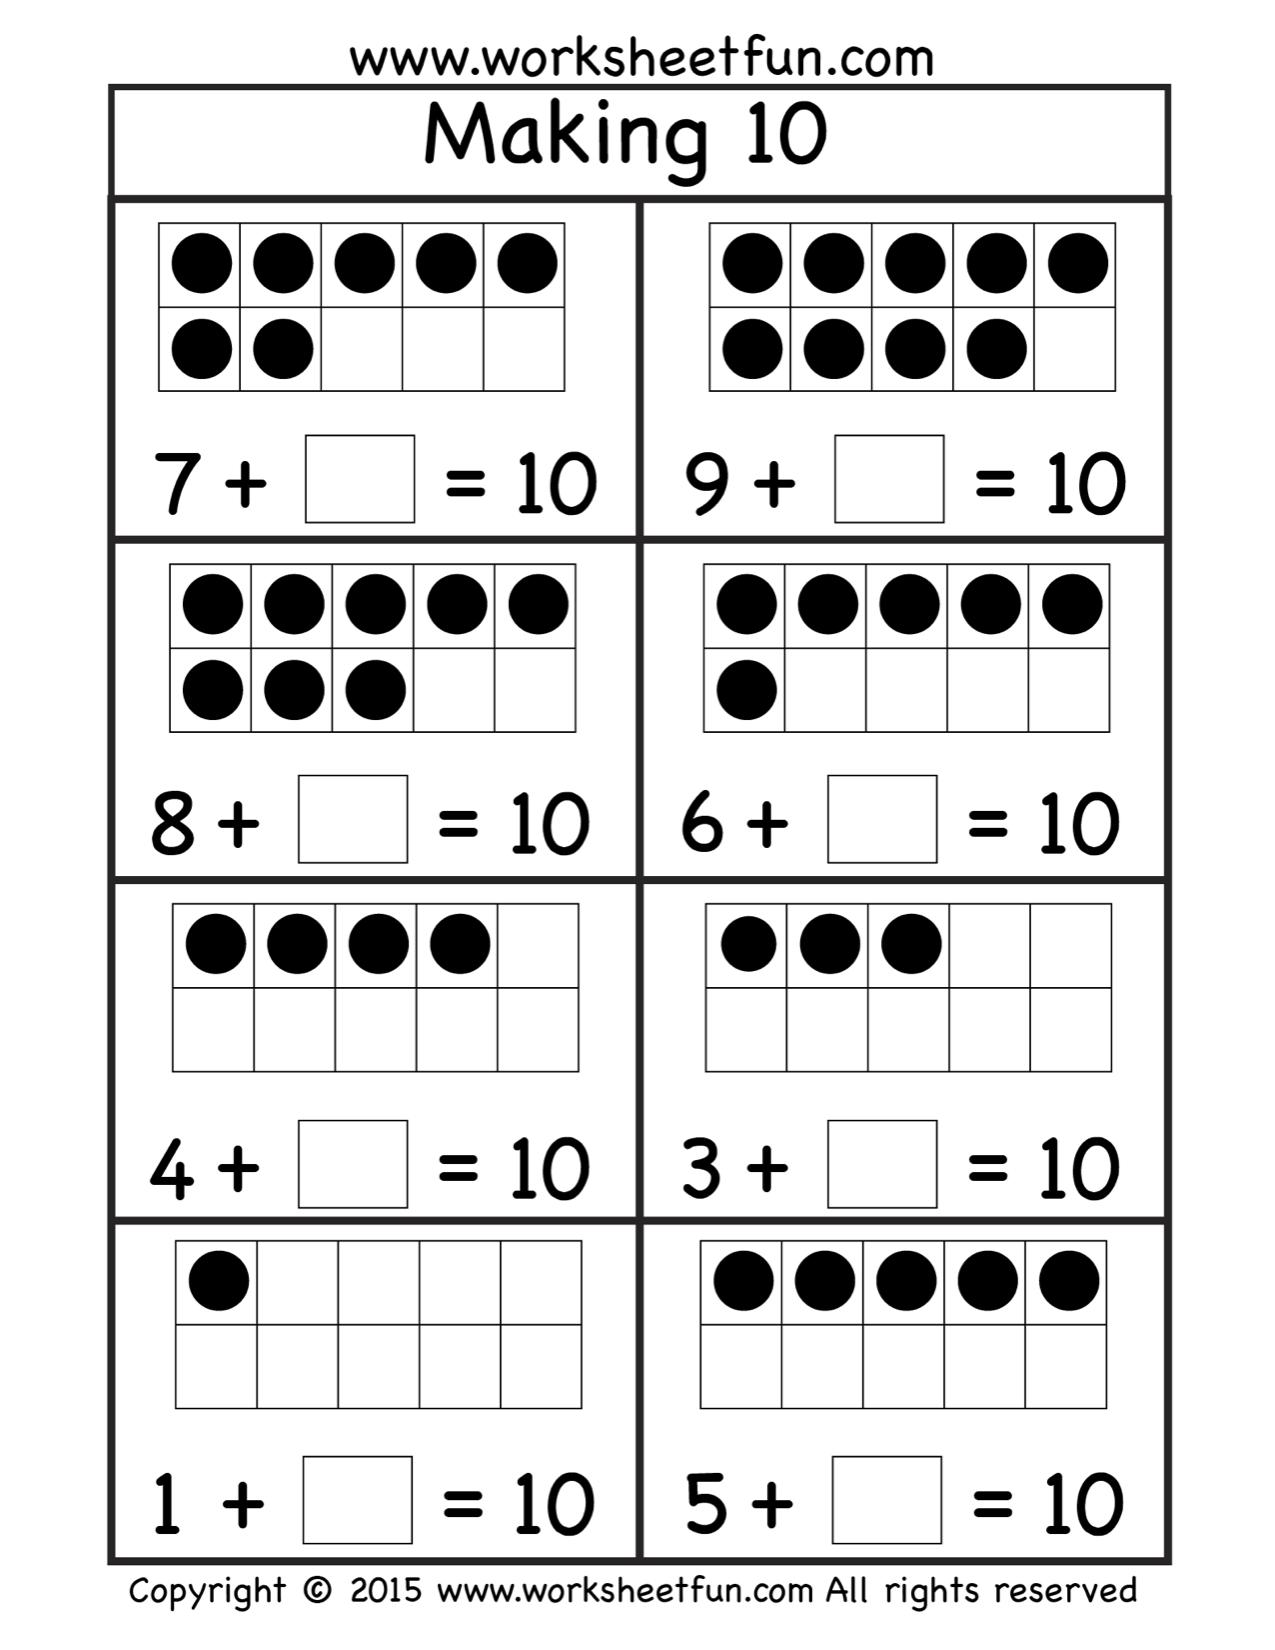 Worksheets Making Ten Worksheets free making ten worksheet 1 oszt pinterest worksheets student worksheet